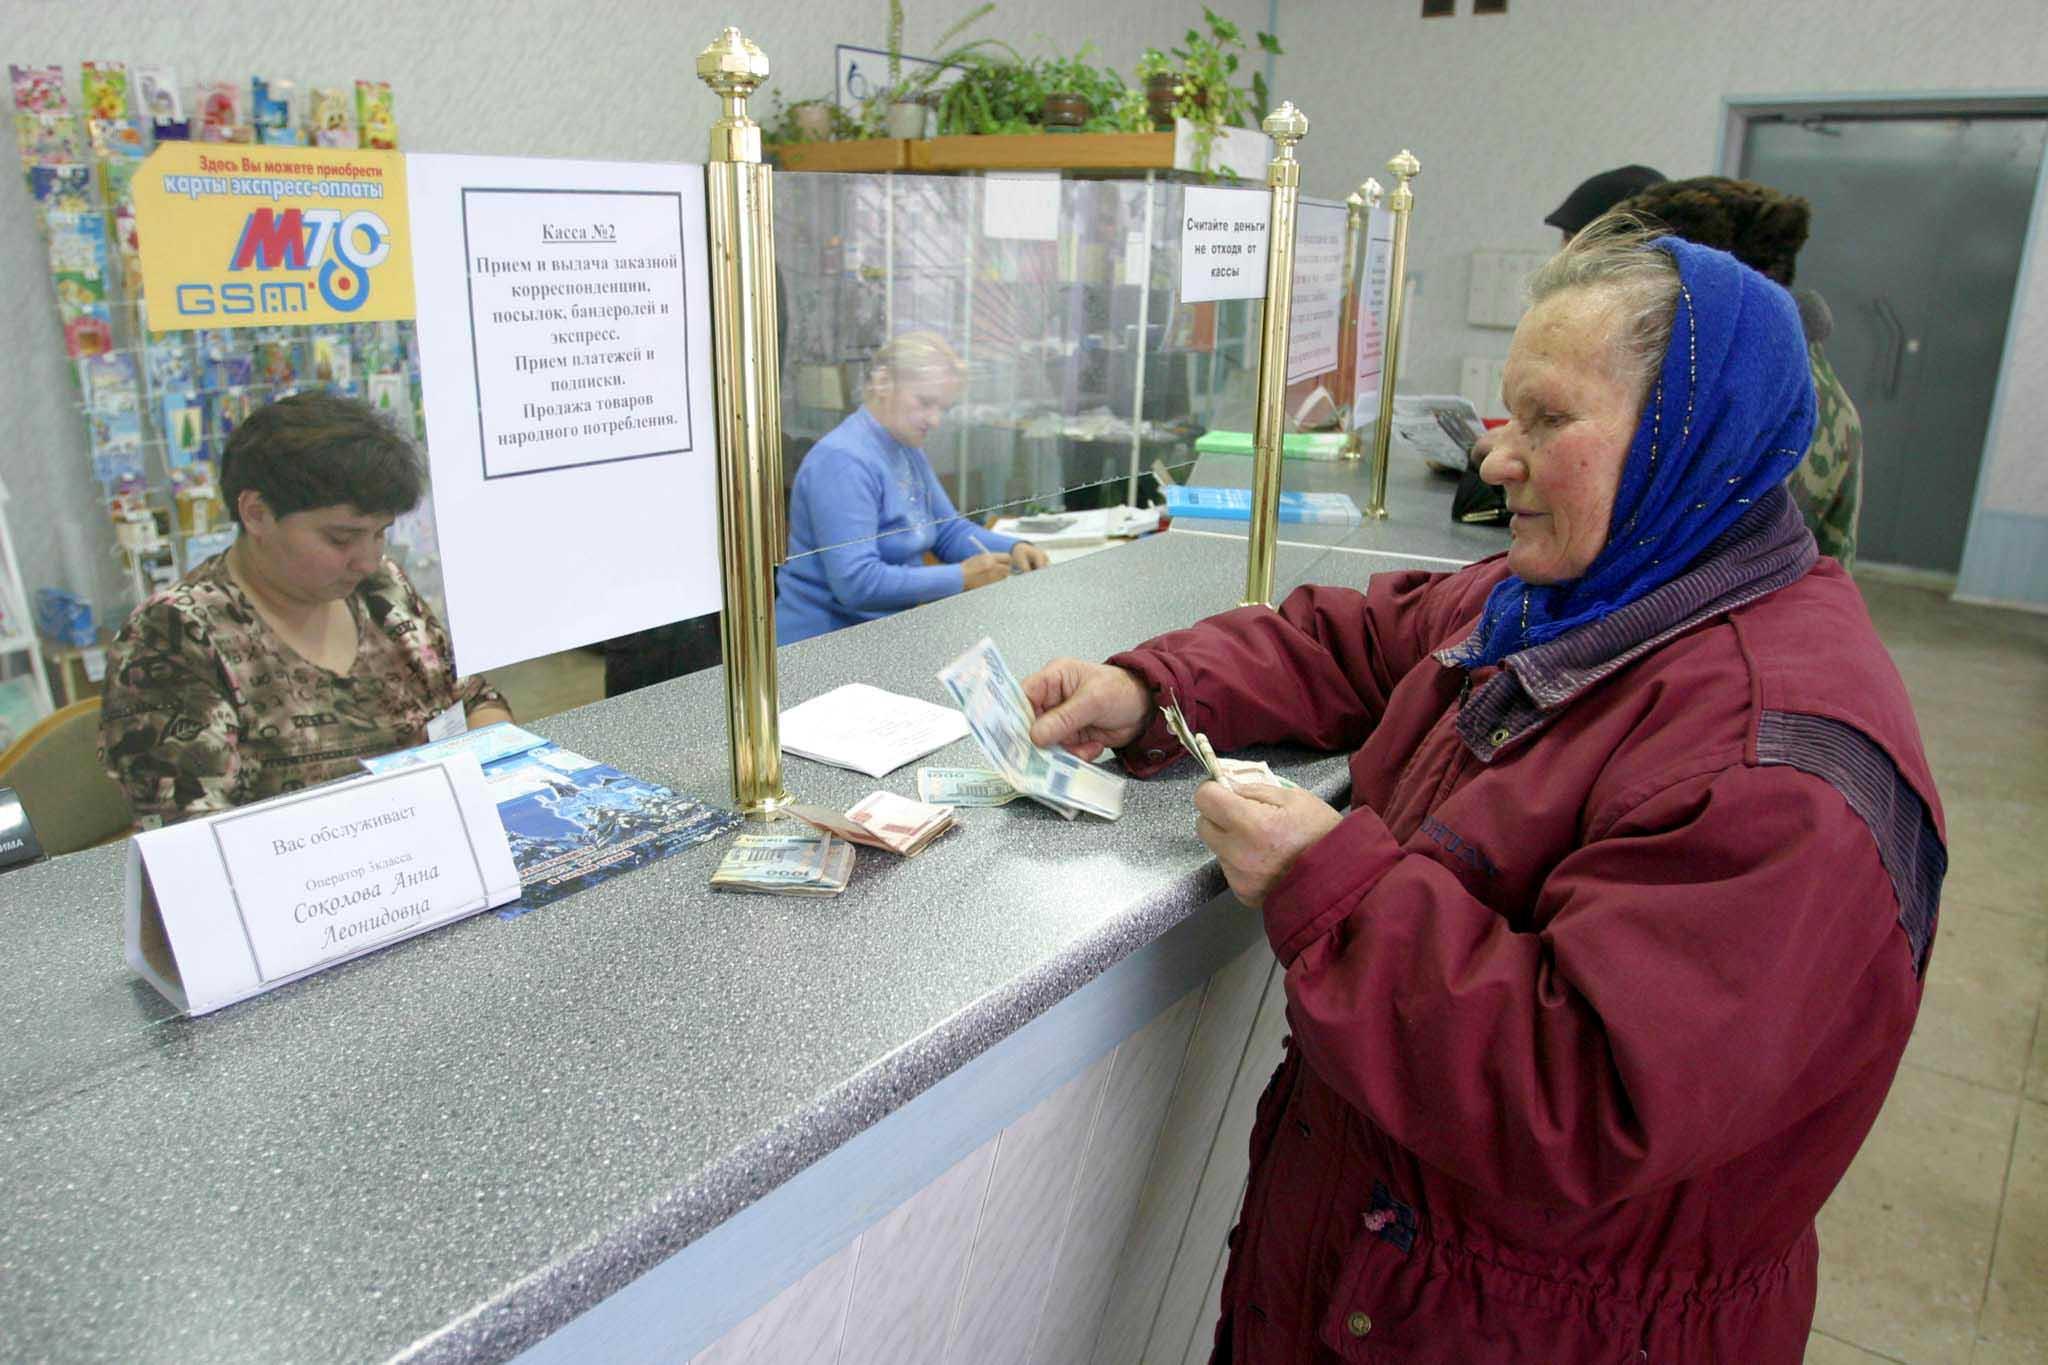 Пенсия в 50 лет закон список 1 и 2